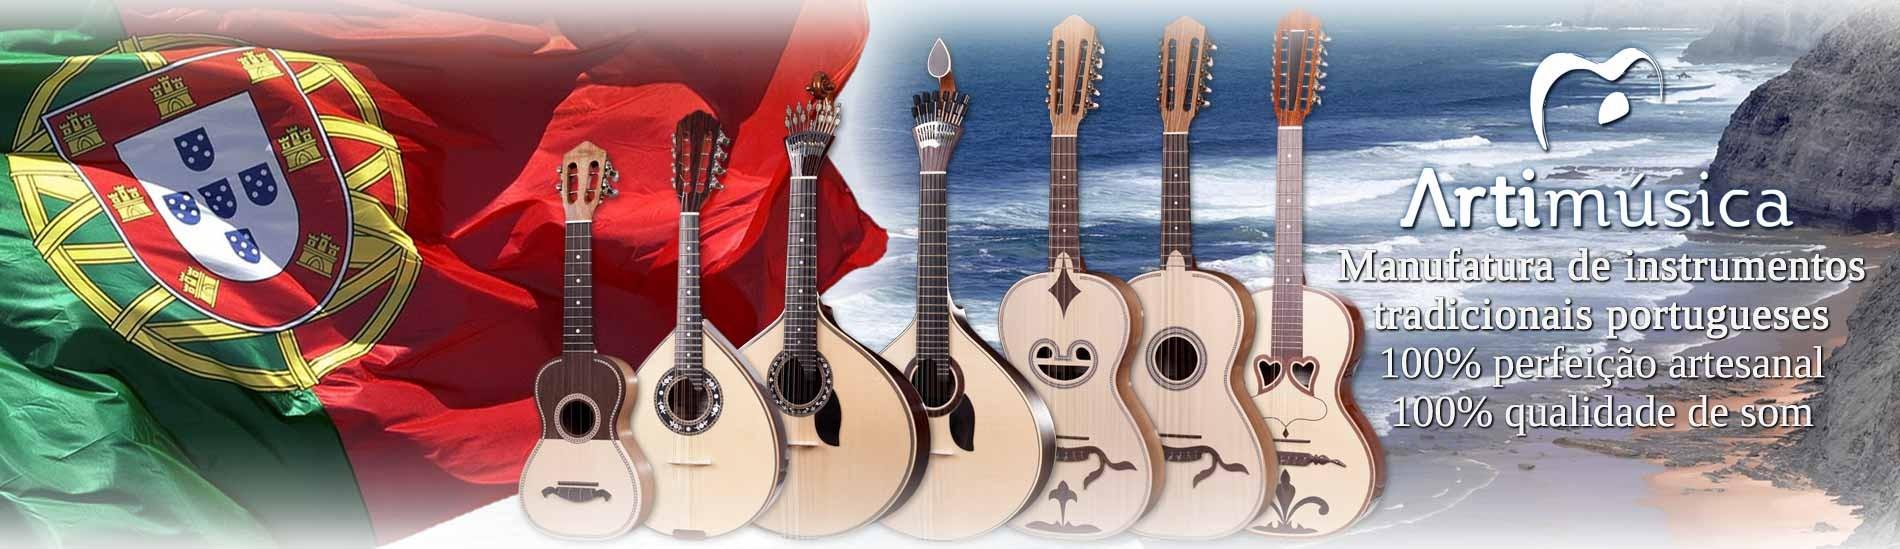 Artimúsica - Manufatura de instrumentos tradicionais portugueses